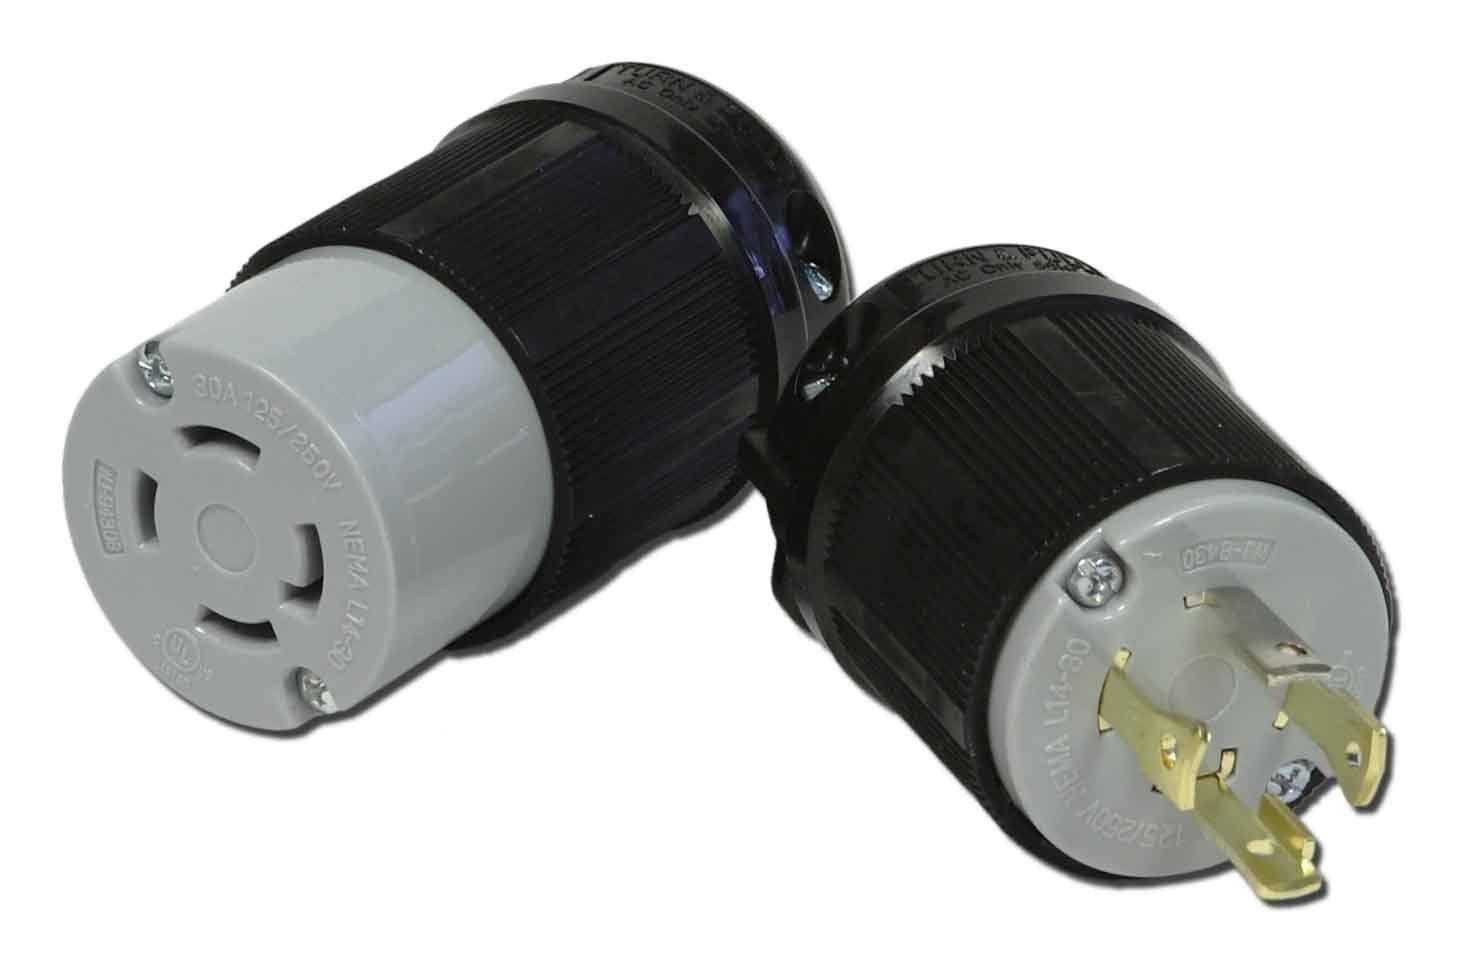 NEMA L14-30 Connector Powertronics Connections